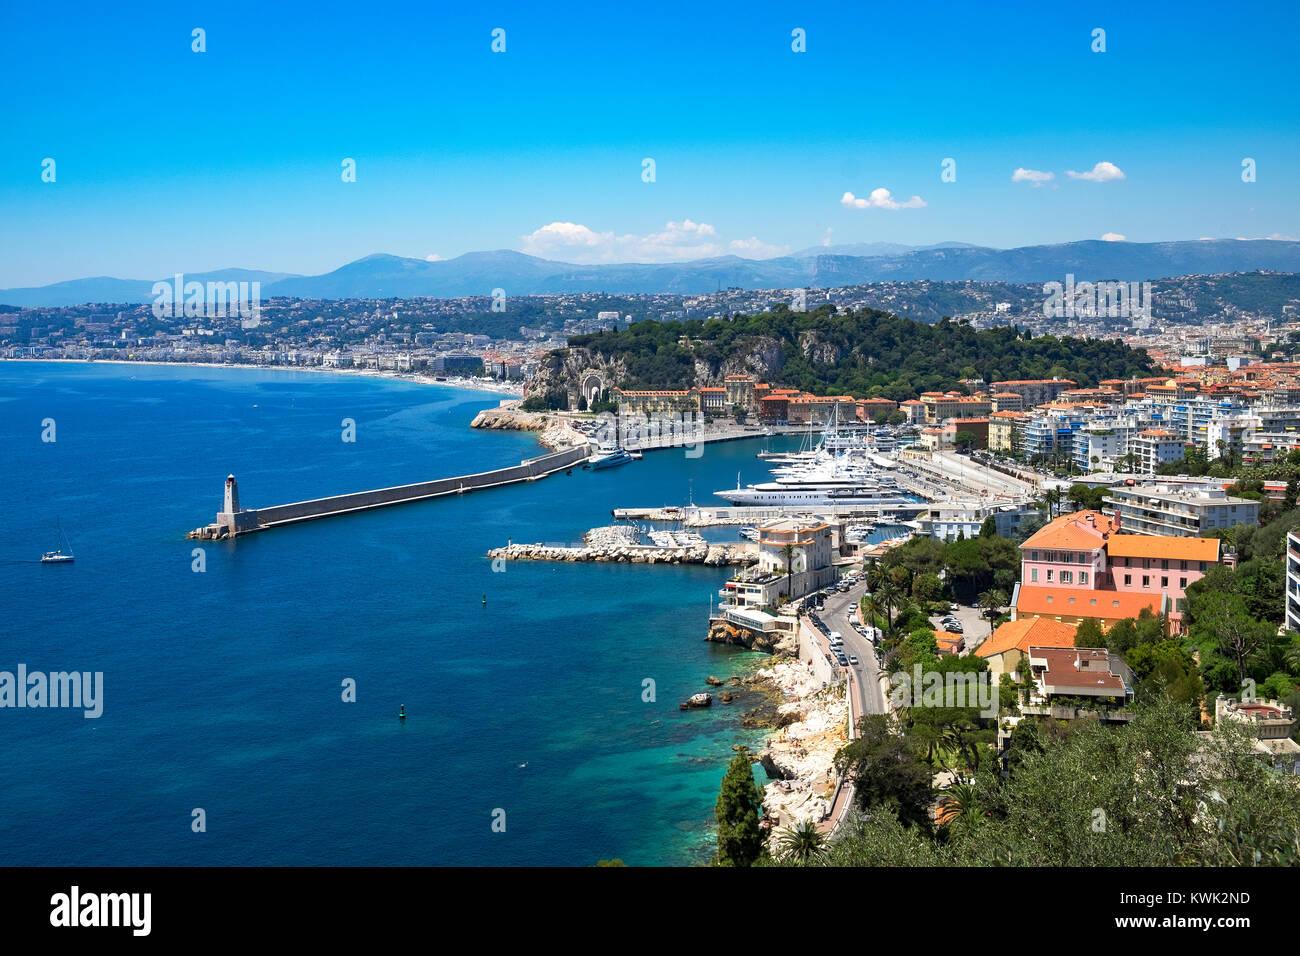 Porto e marina nella città di Nizza costa azzurra, francia. Immagini Stock